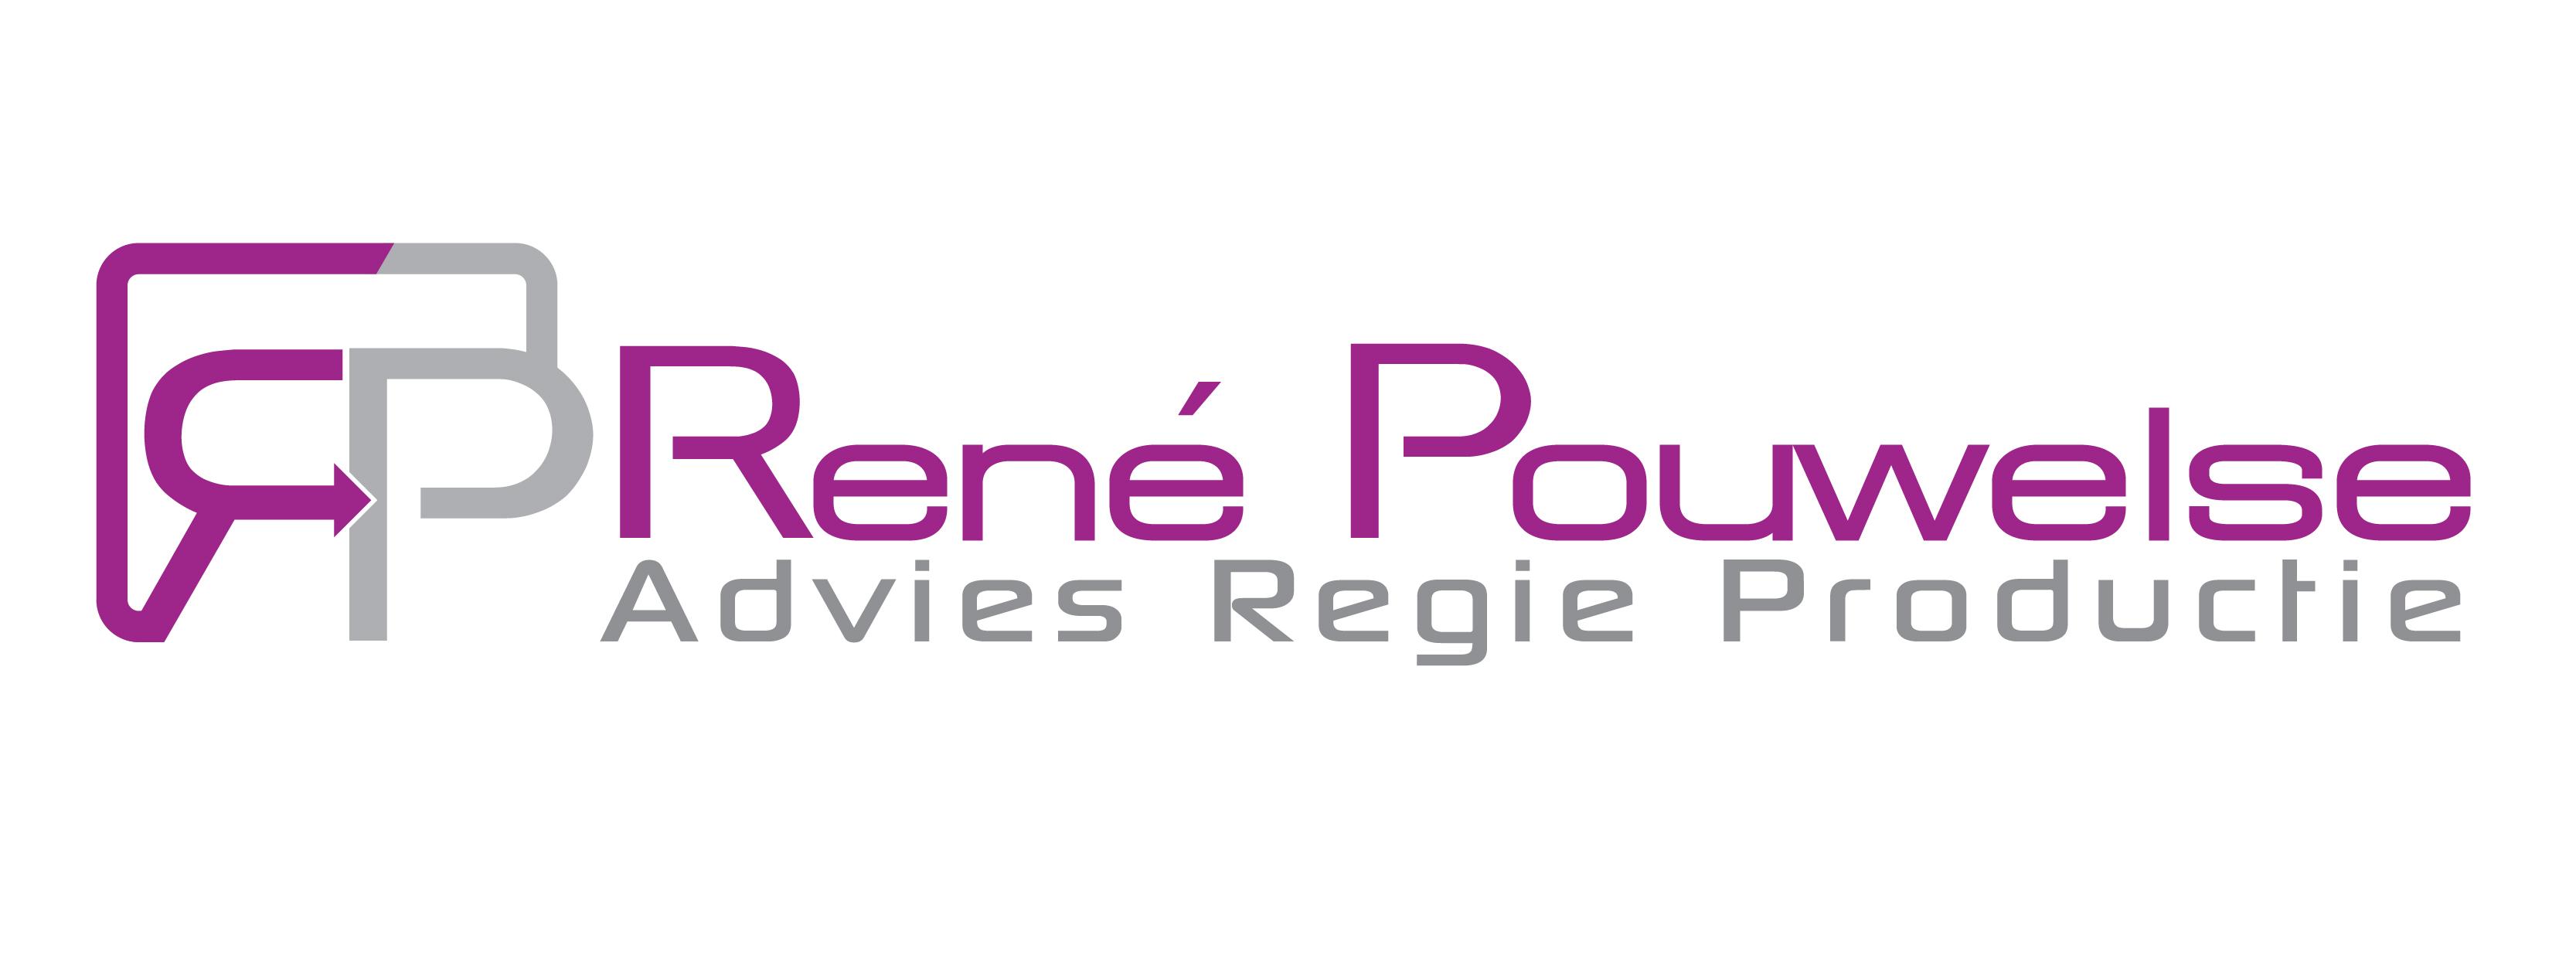 René Pouwelse Advies Regie Productie - Advies, regie en productie op het gebied van evenementen en audiovisuele ondersteuning